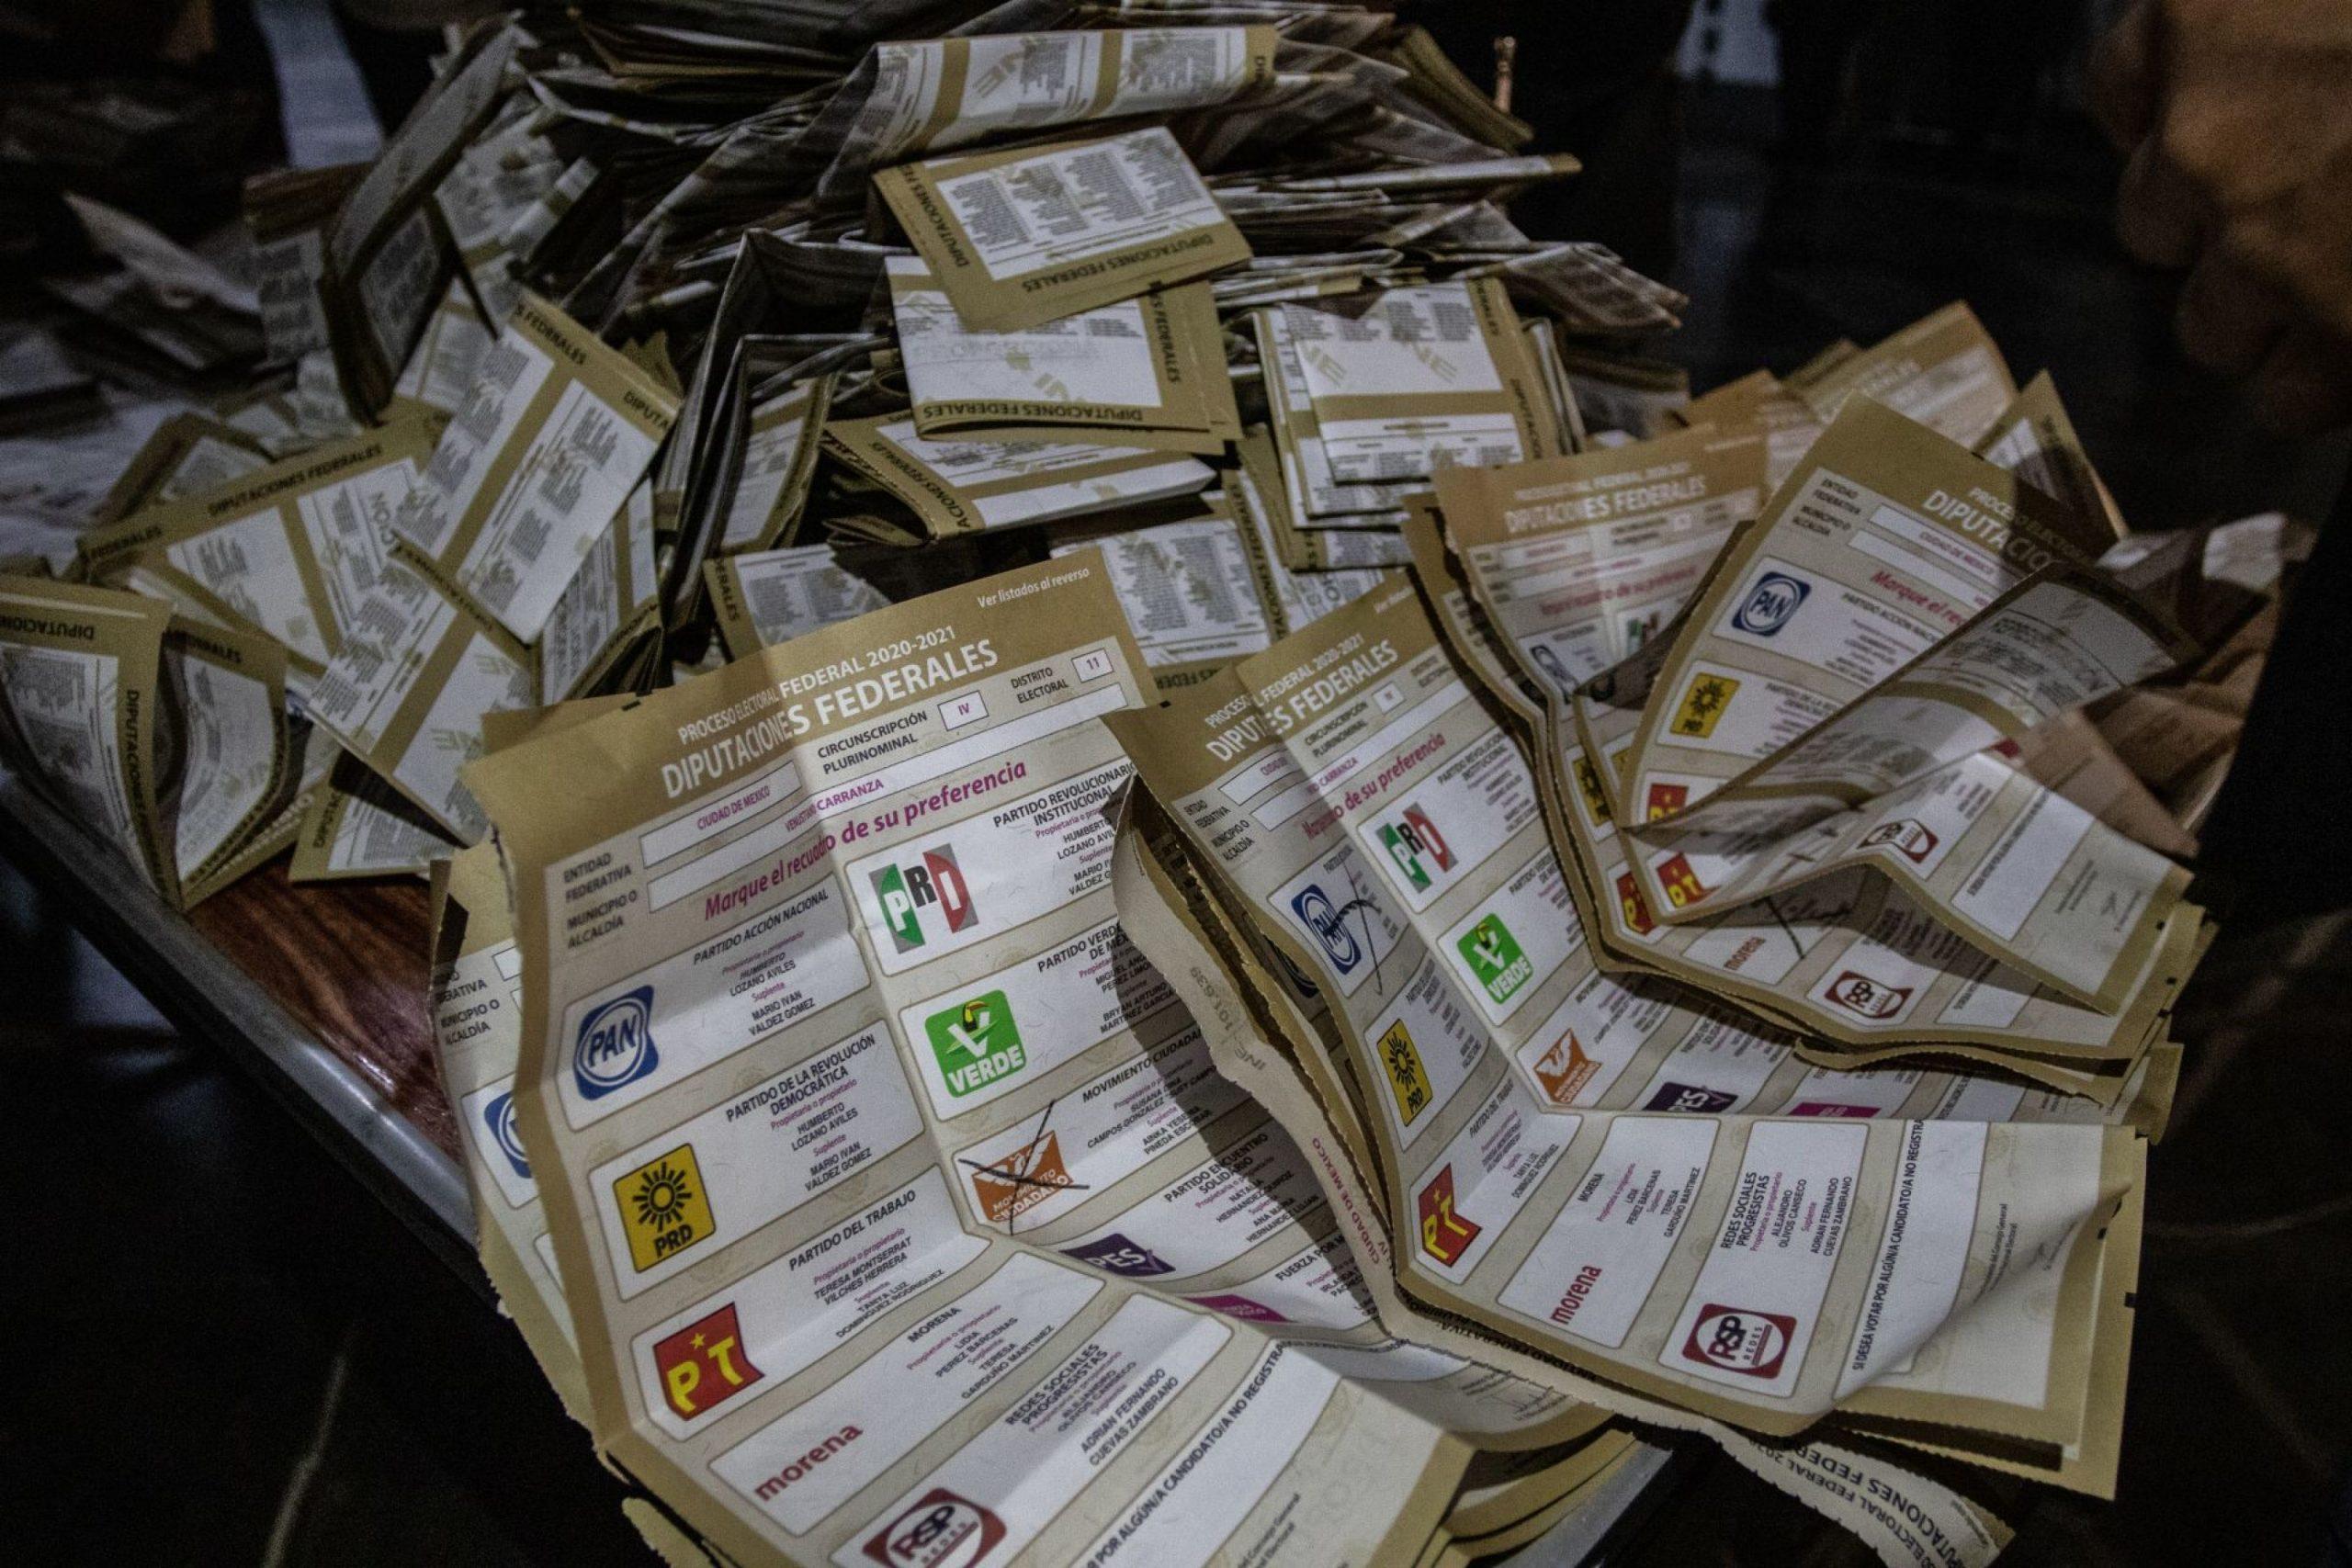 Cómputos Distritales darán resultados definitivos de la elección